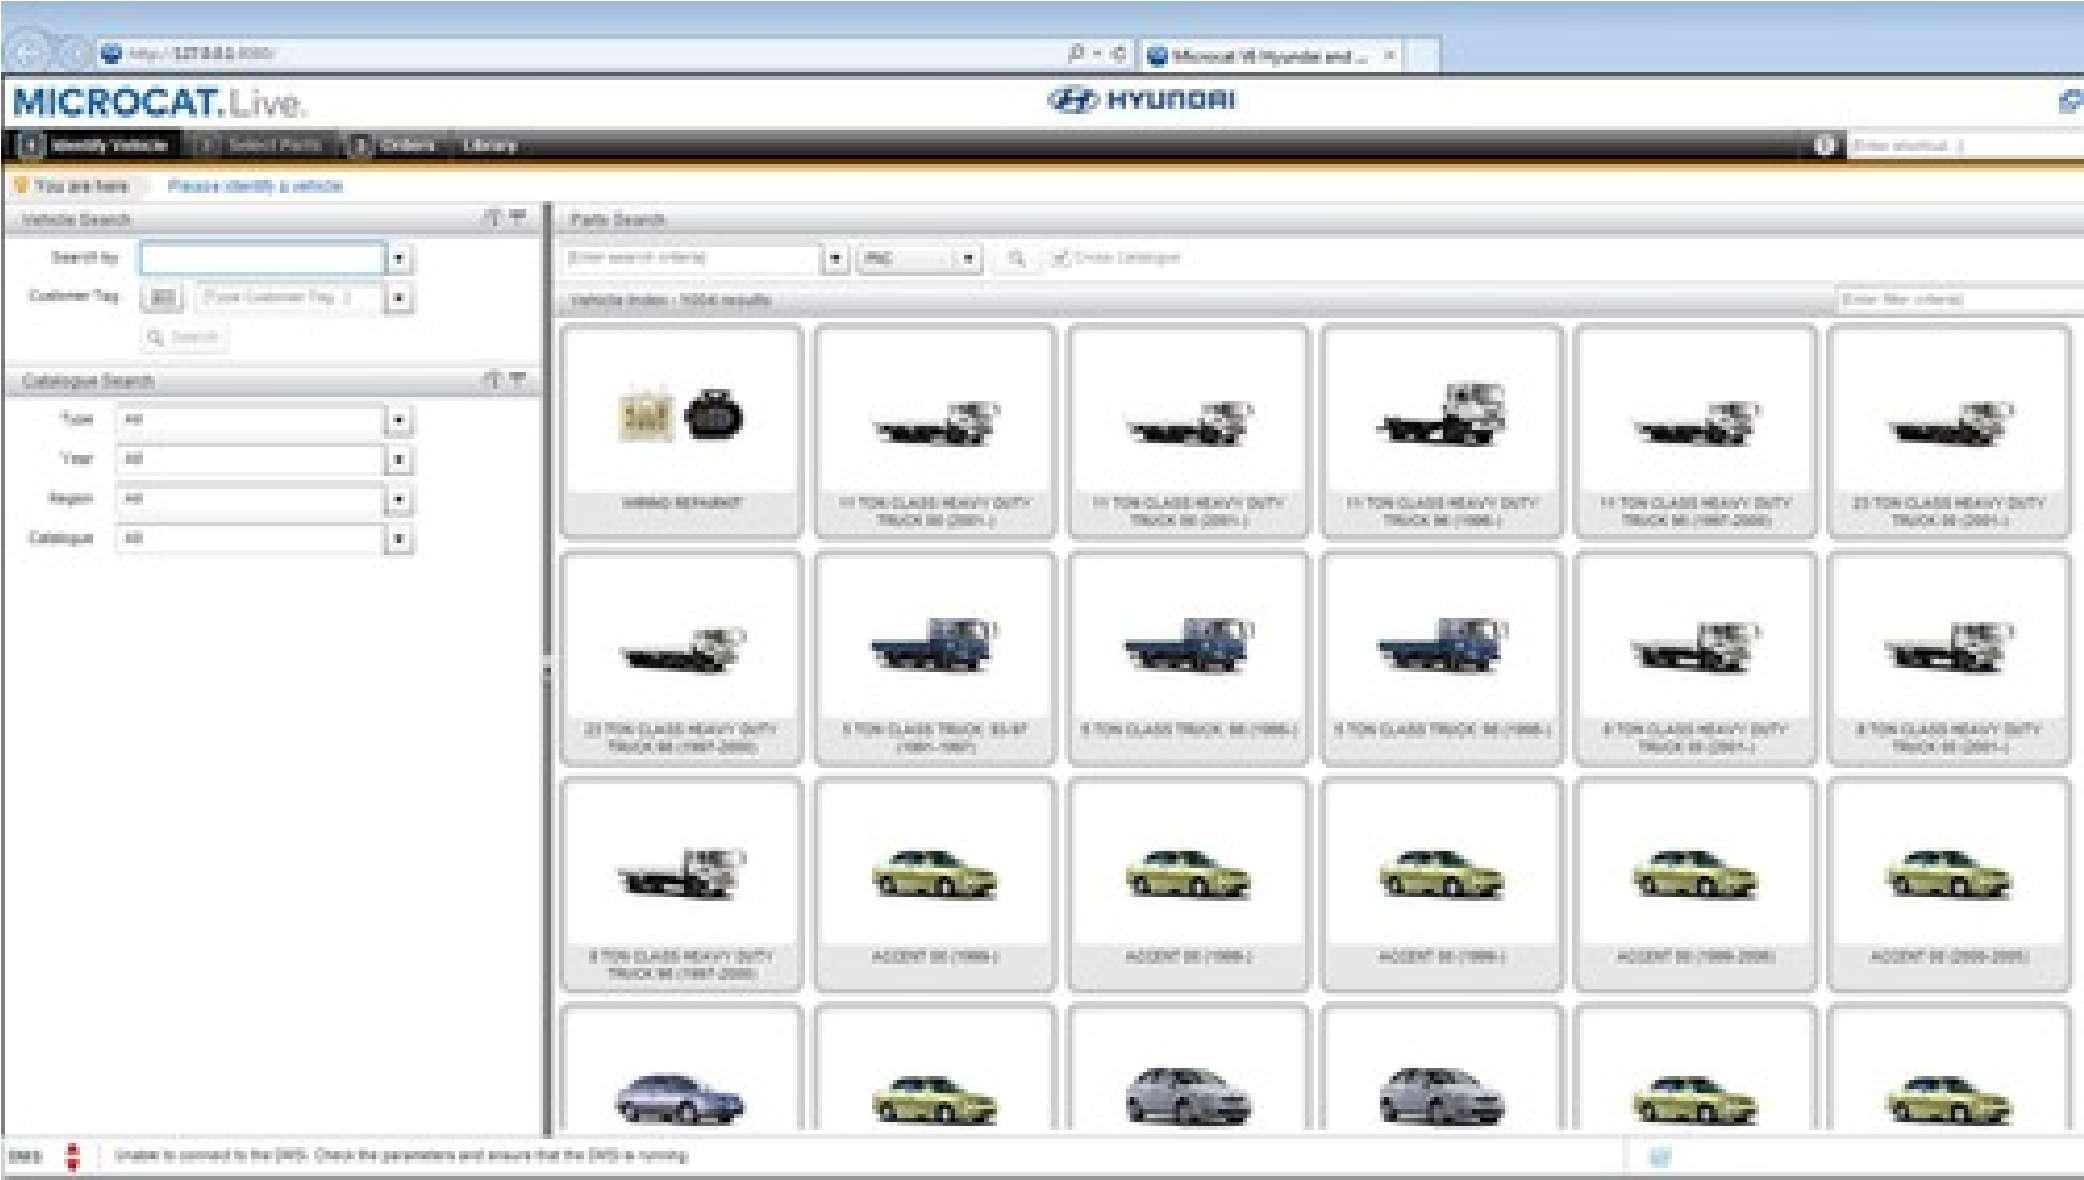 Hyundai MCAT Microcat 06.2020 SS-01